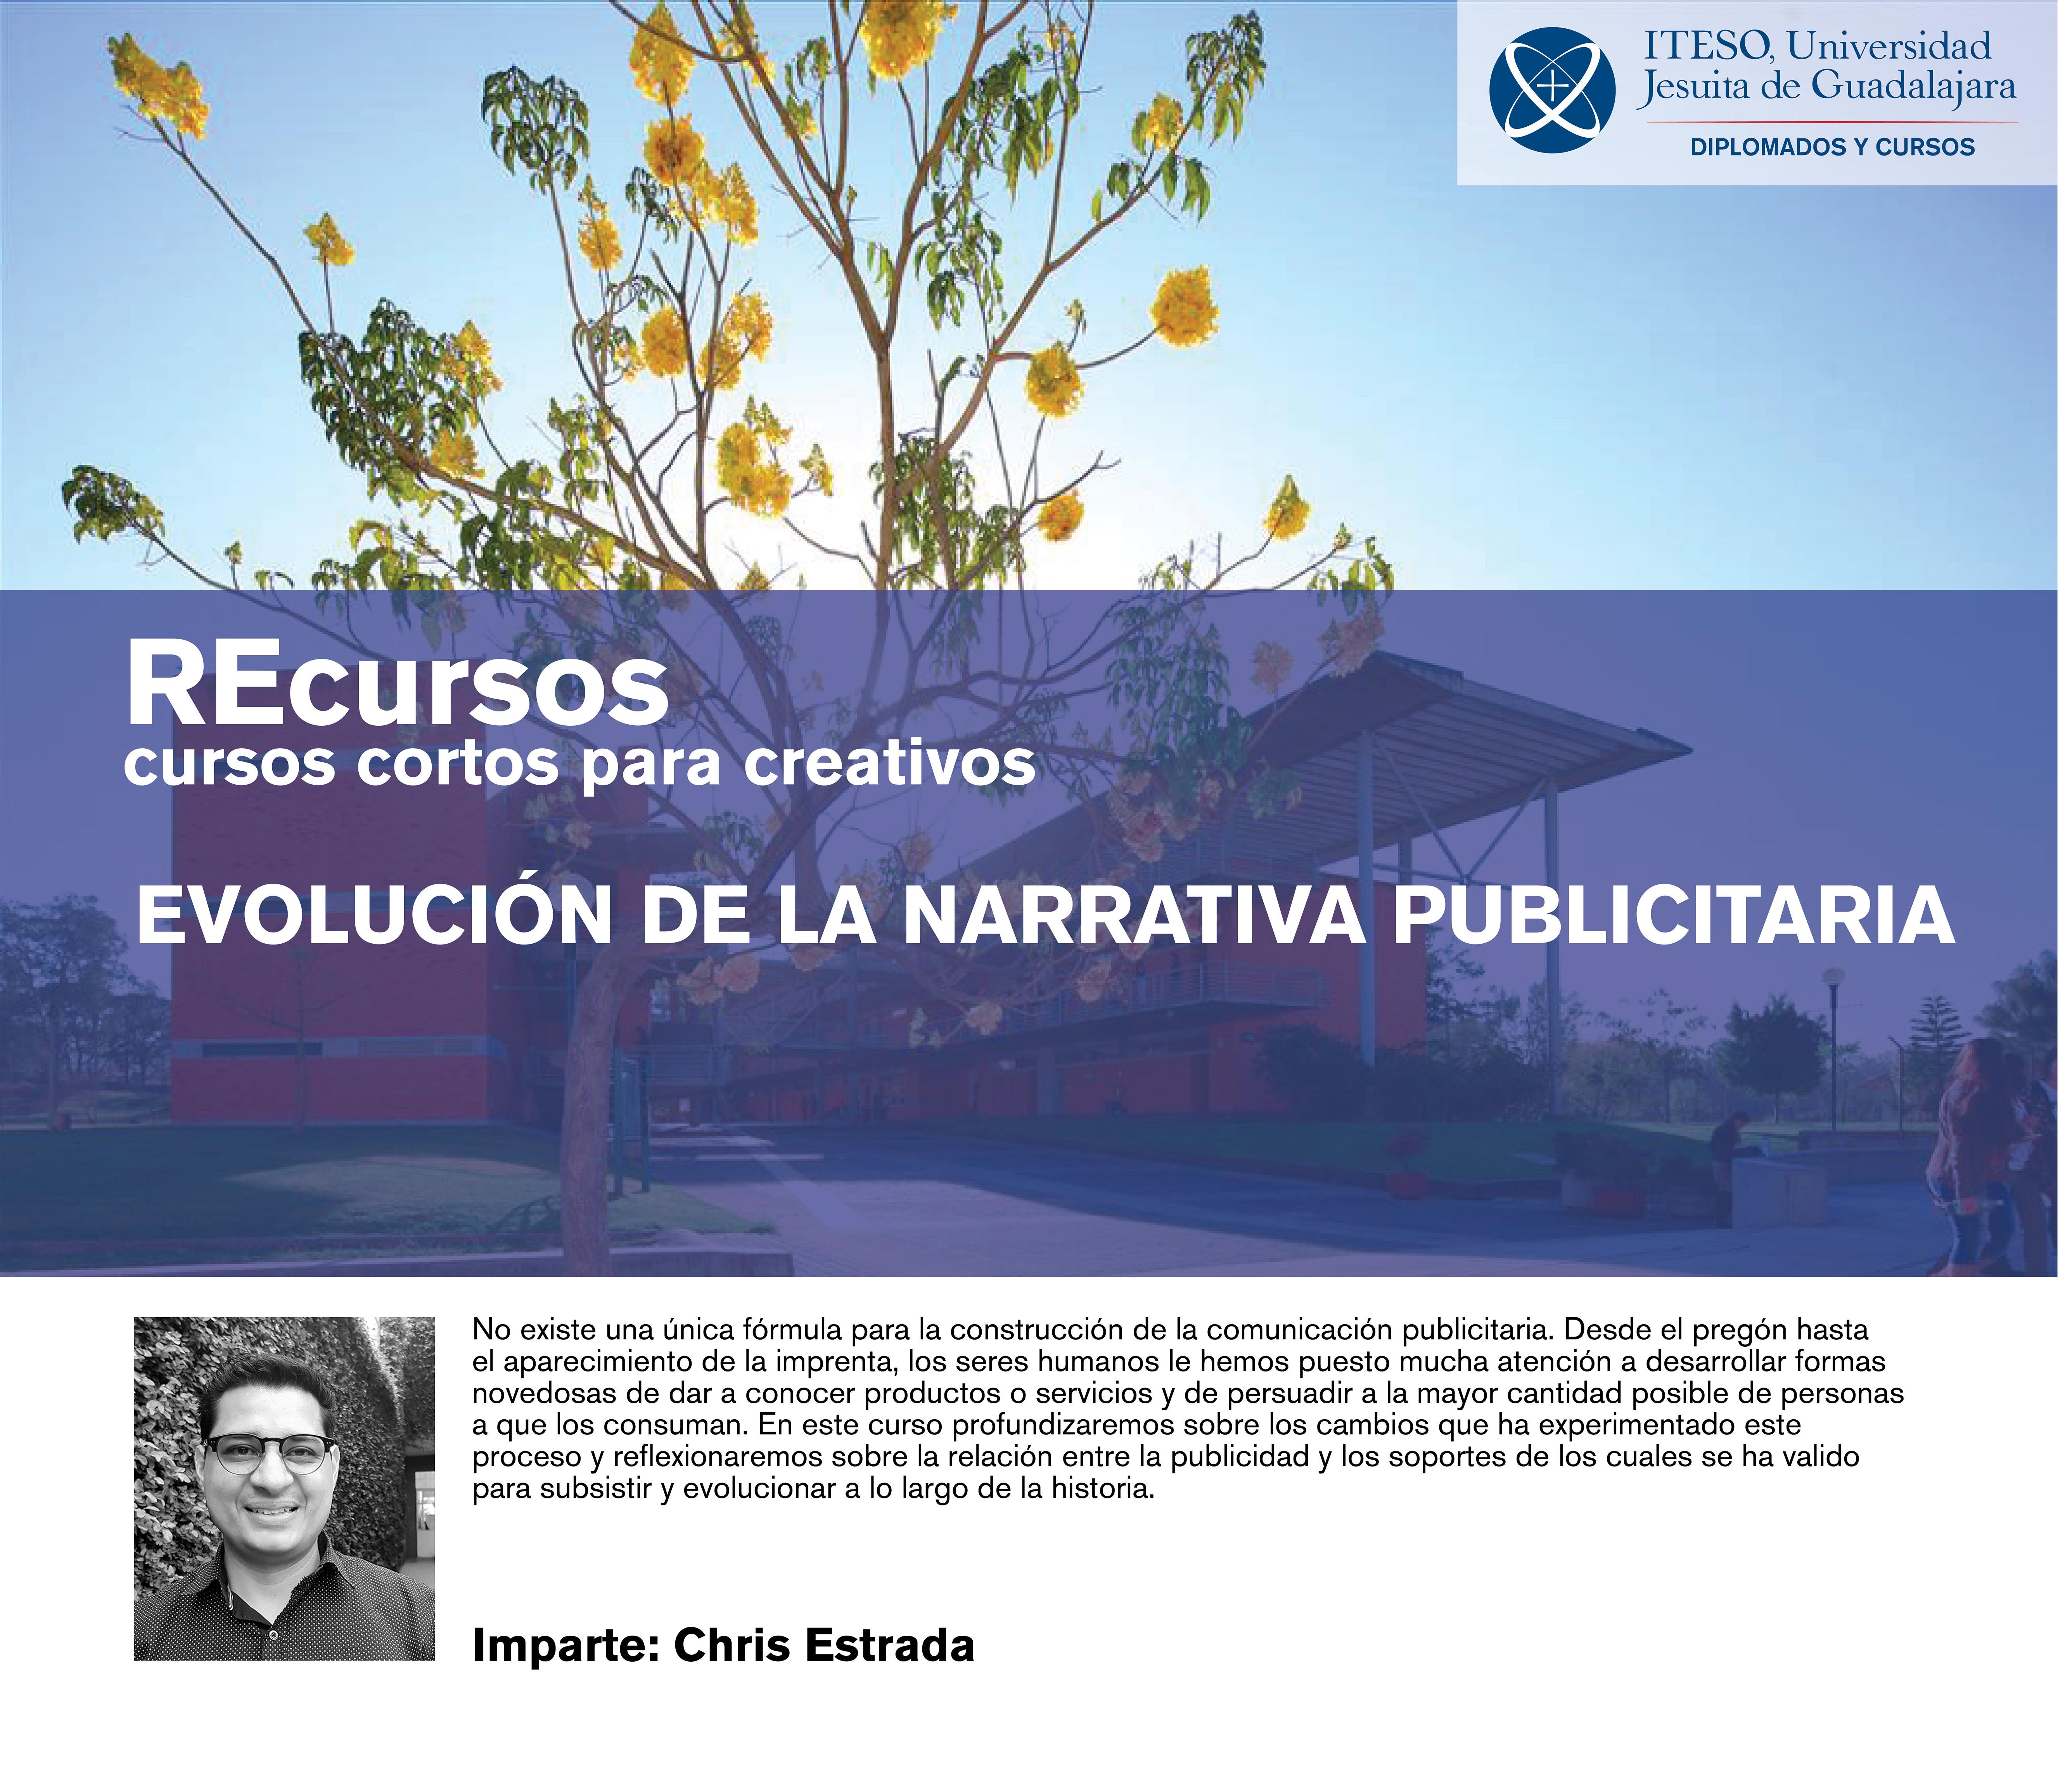 EVOLUCIÓN DE LA NARRATIVA PUBLICITARIA